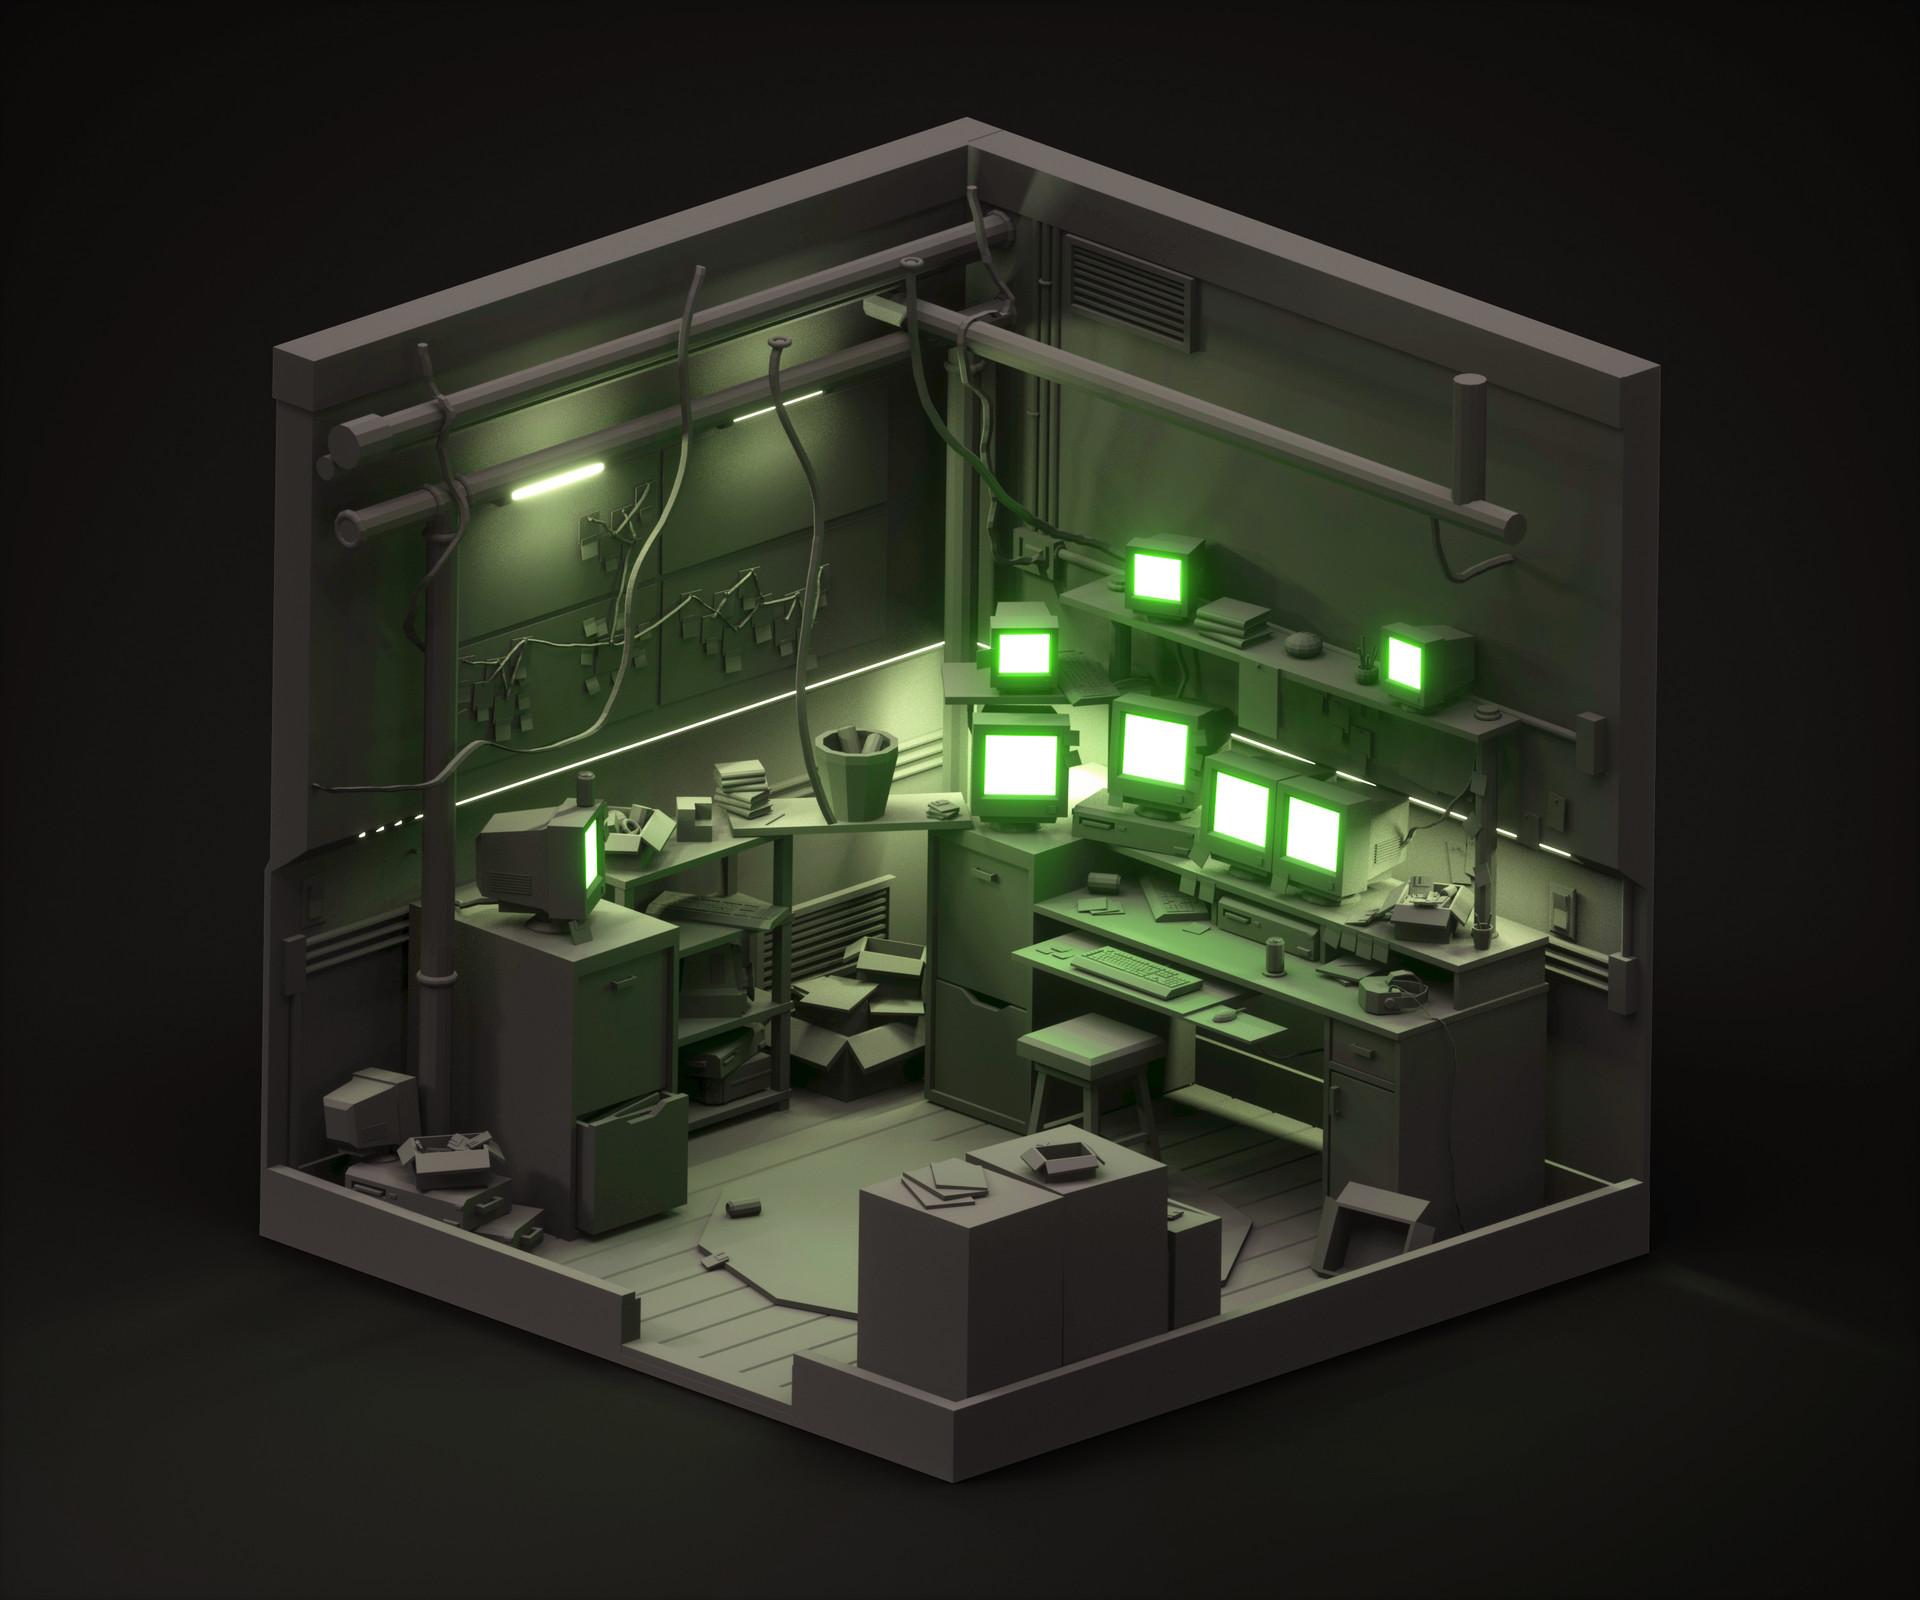 Jarlan perez lab02